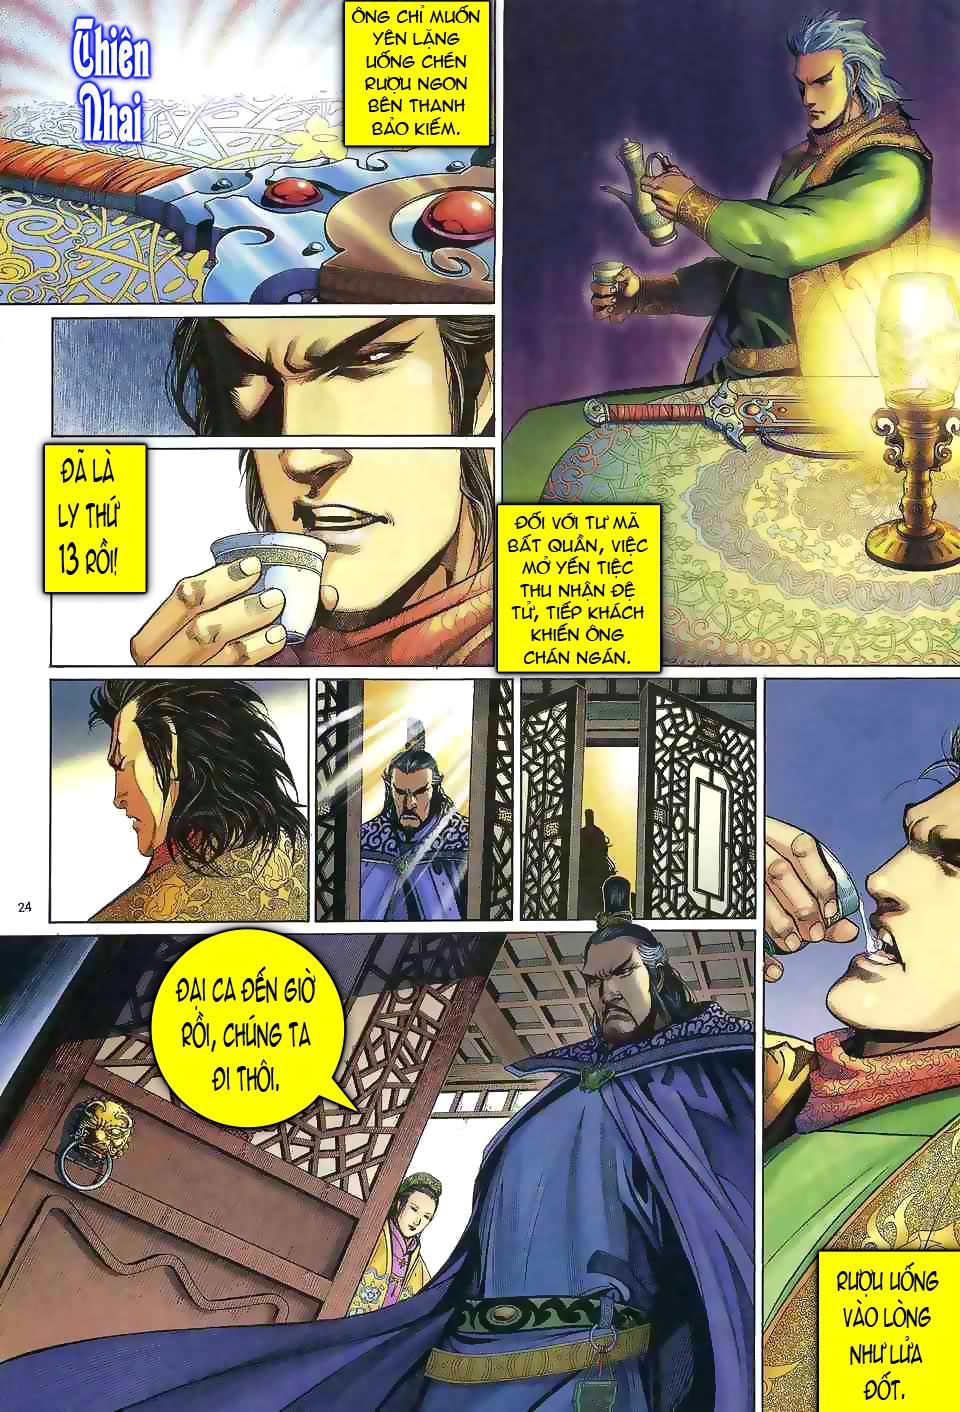 Anh hùng vô lệ chap 1 trang 23